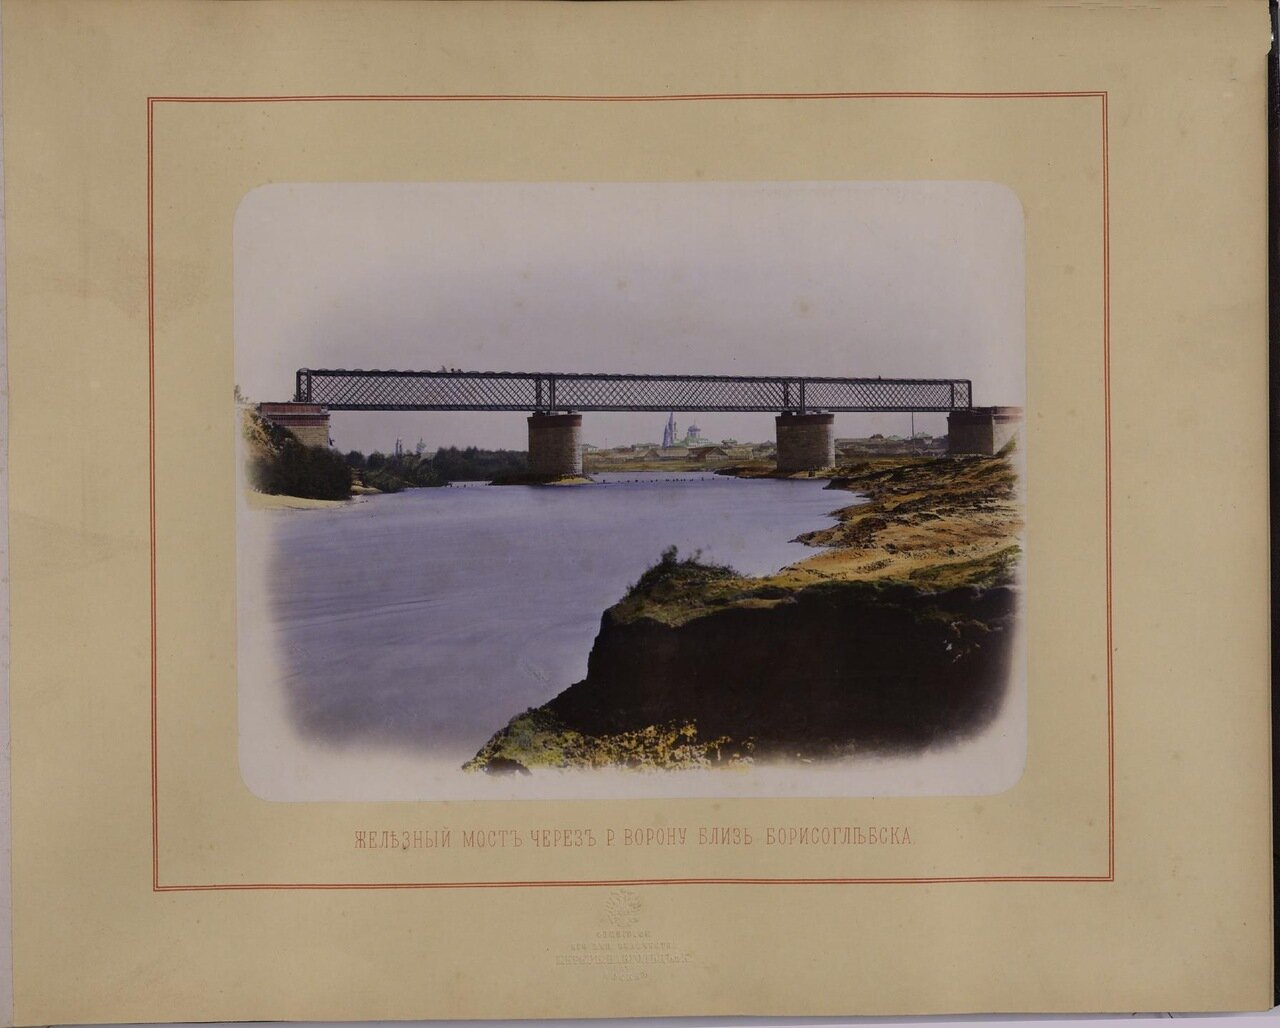 Железнодорожный мост через р.Ворону близ Борисоглебска.  Ателье «Шерер и Набгольц». - 1869 г.